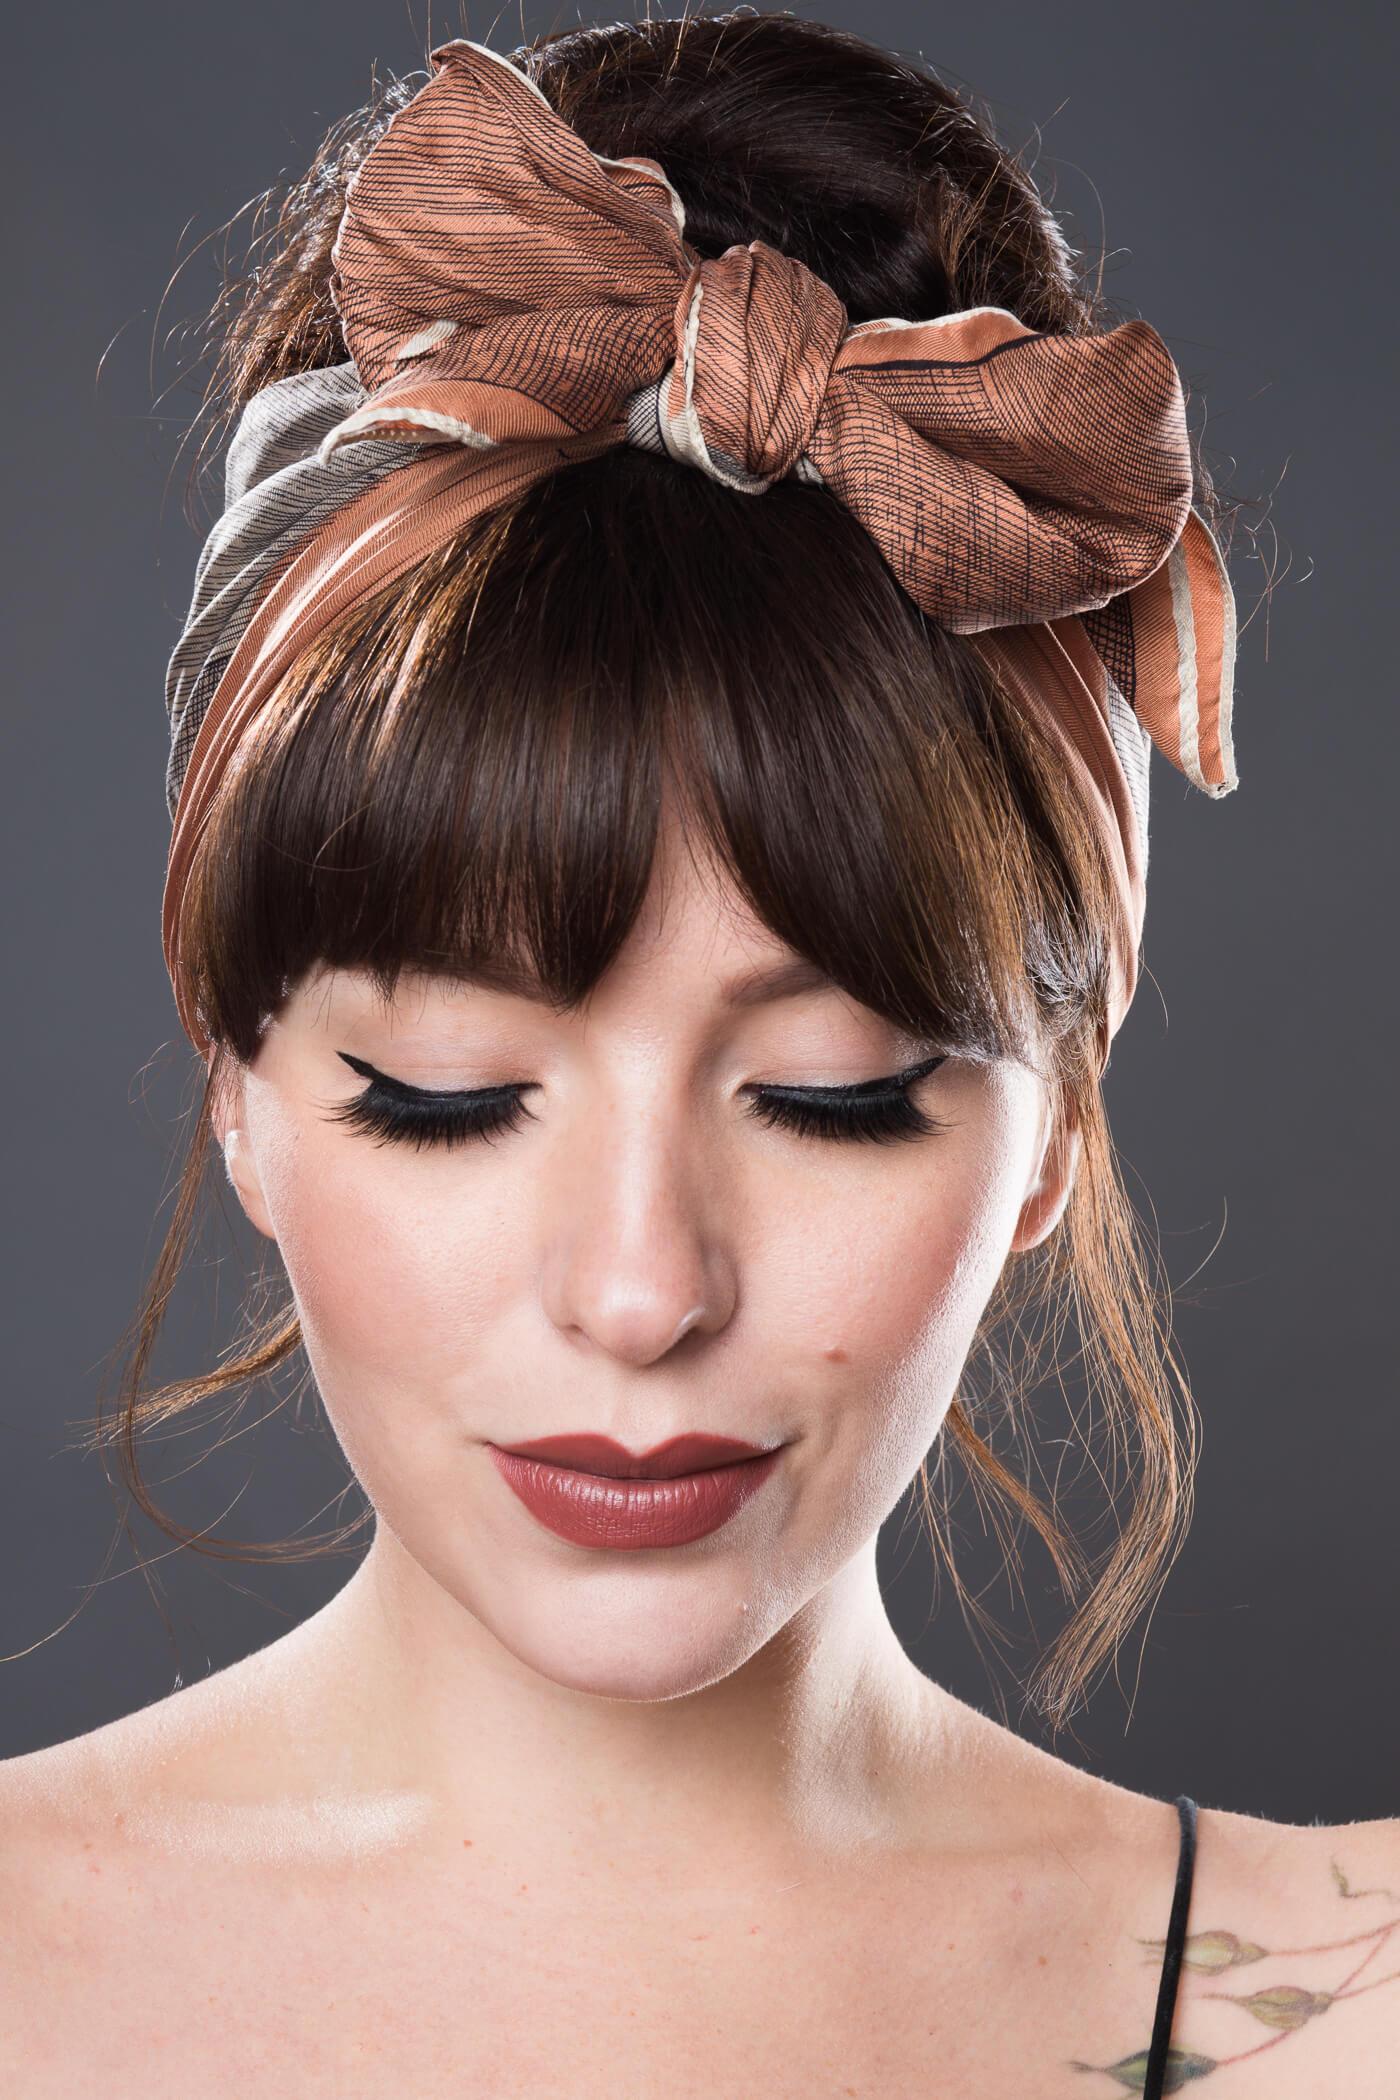 100% pure lipstick swatches Cocoa Butter Matte Lipstick in Cacti